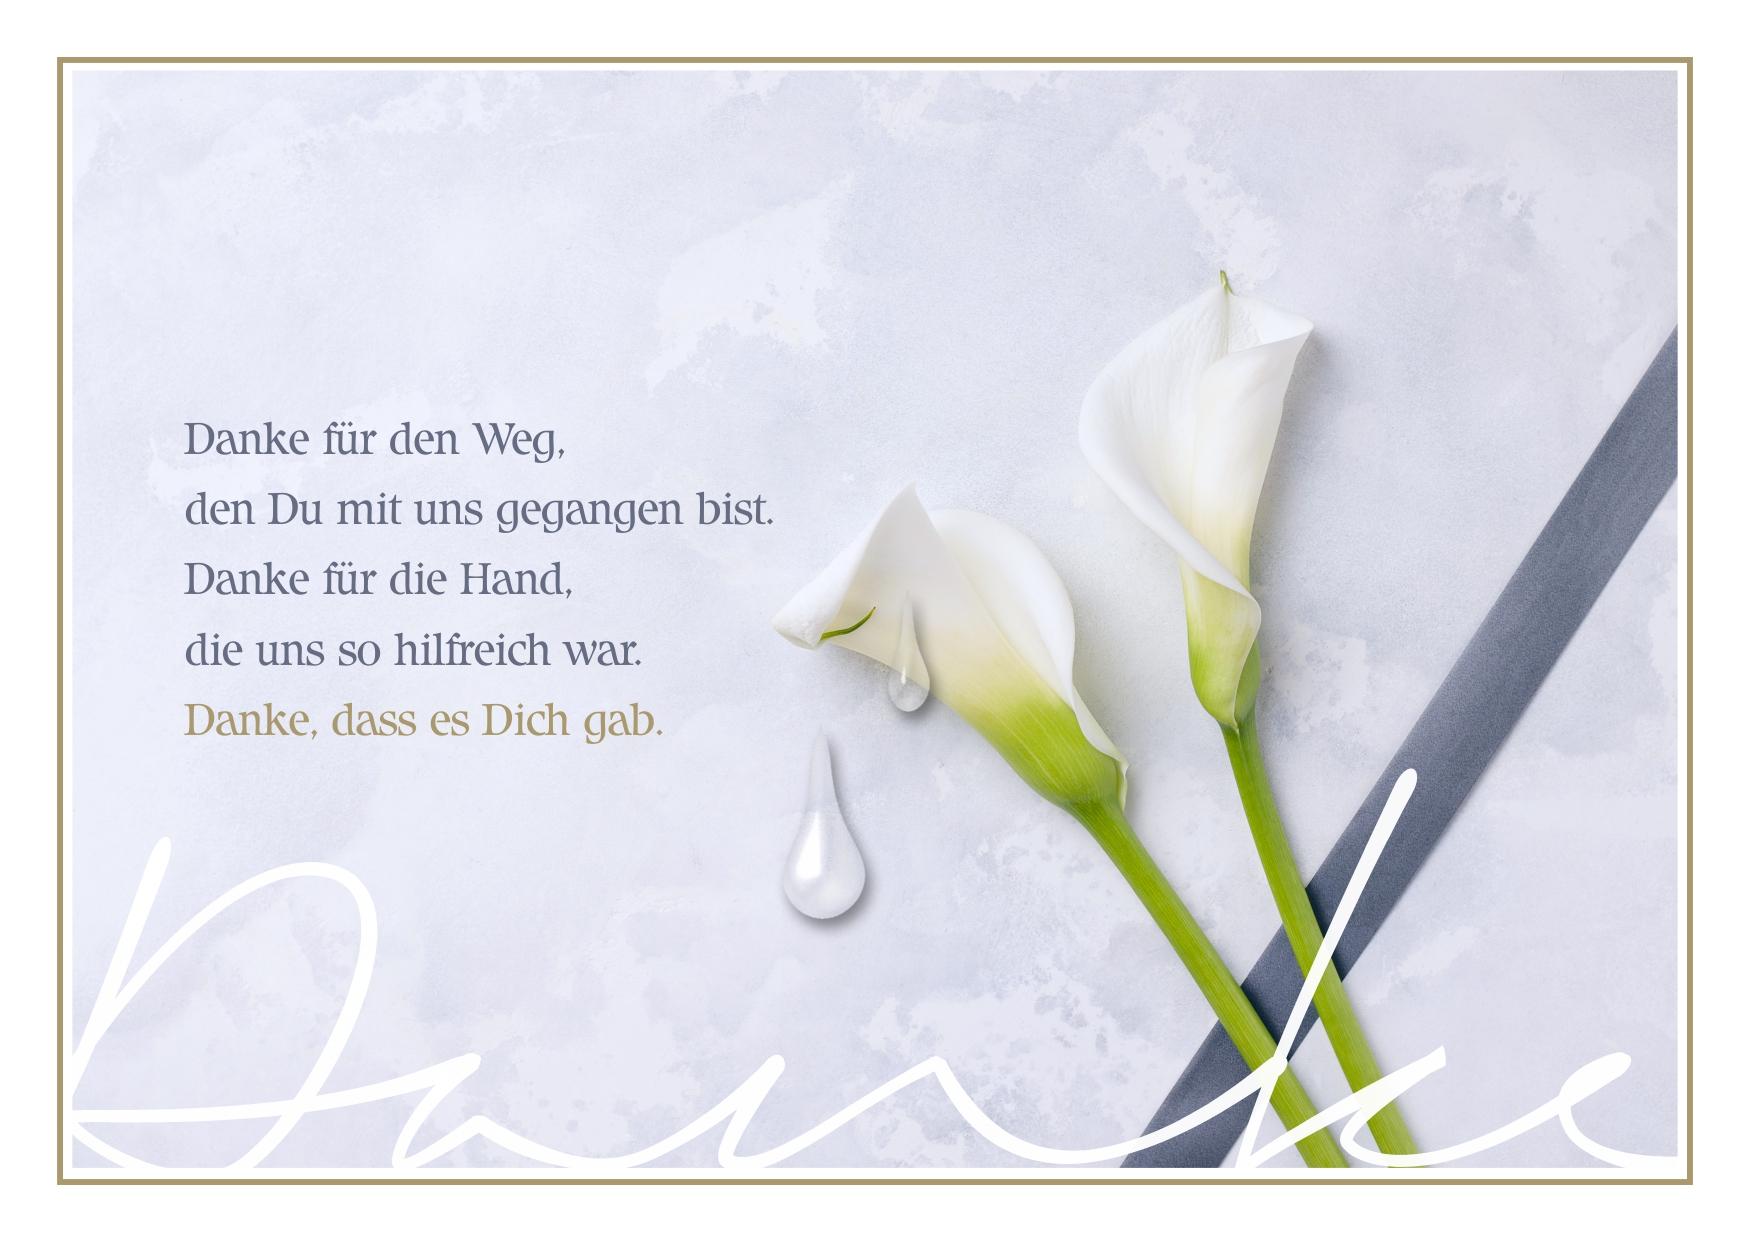 Schöne & kreative Abschiedskarte mit Abschiedsspruch kostenlos zum Download - Worte zum Abschied finden für Familie, Verwandte, Bekannte und Freunde - Trauerkarte zum Abschied schreiben - Trauerkarte mit Spruch oder Zitat zum Versenden